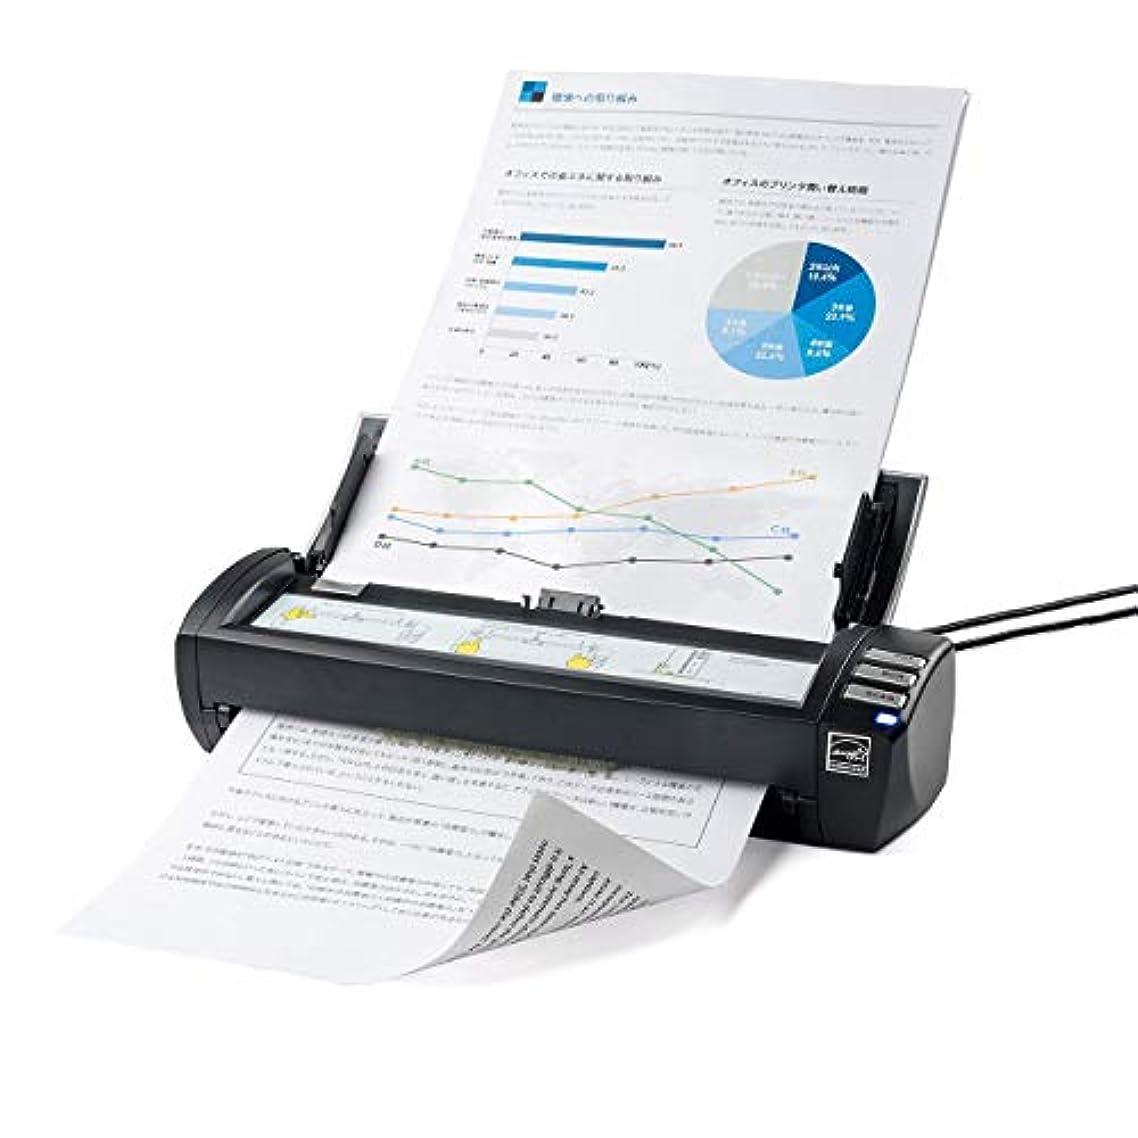 認可ガイドライン有限イーサプライ 両面スキャナー A4/20枚給紙 名刺/6枚給紙 自炊 カード対応 連続スキャン ドキュメントスキャナ EZ4-SCN050